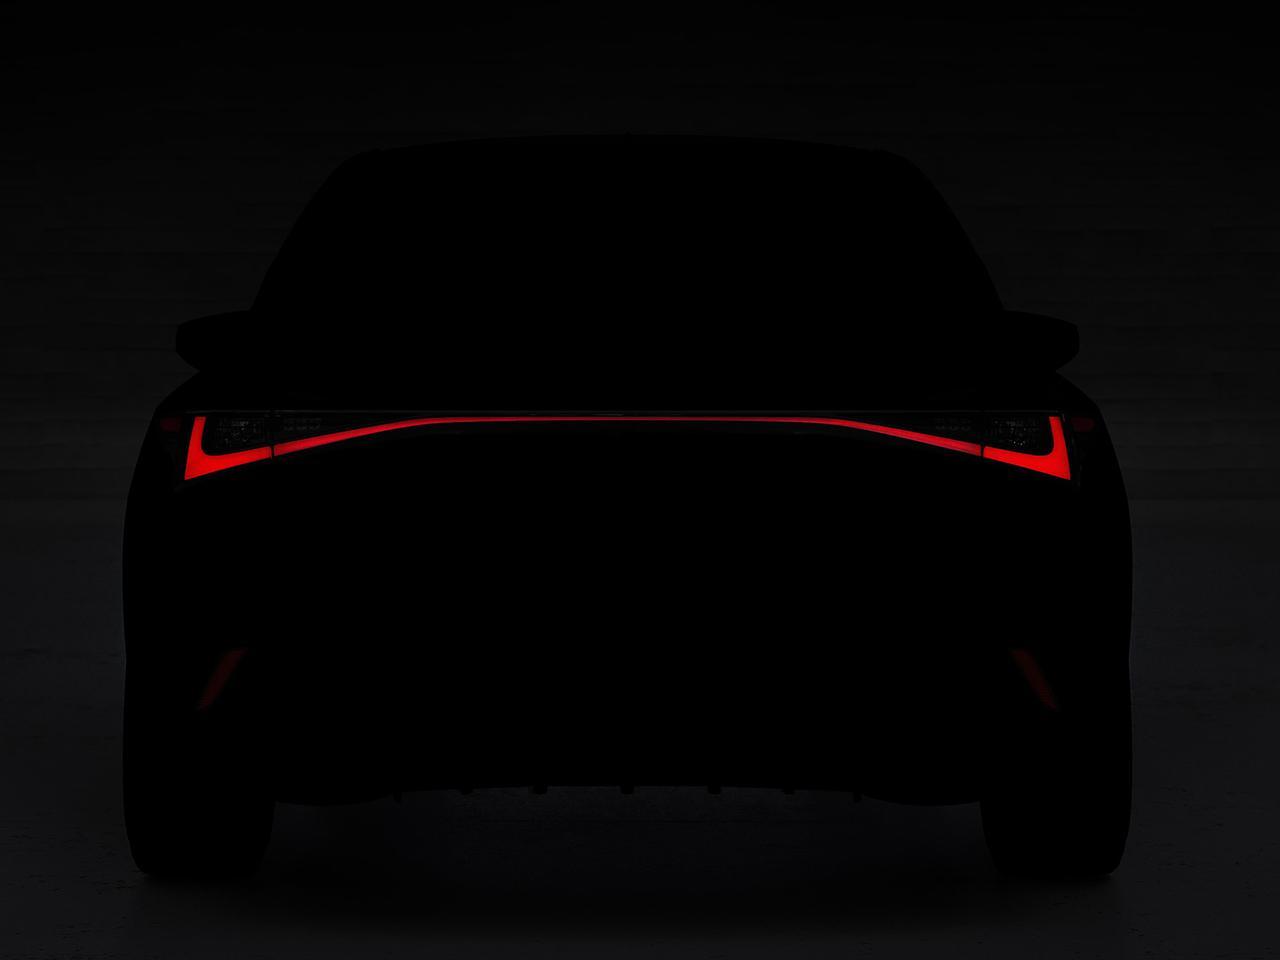 レクサスが新型ISをチラ見せ! 2020年6月10日にオンラインでワールドプレミアの予定